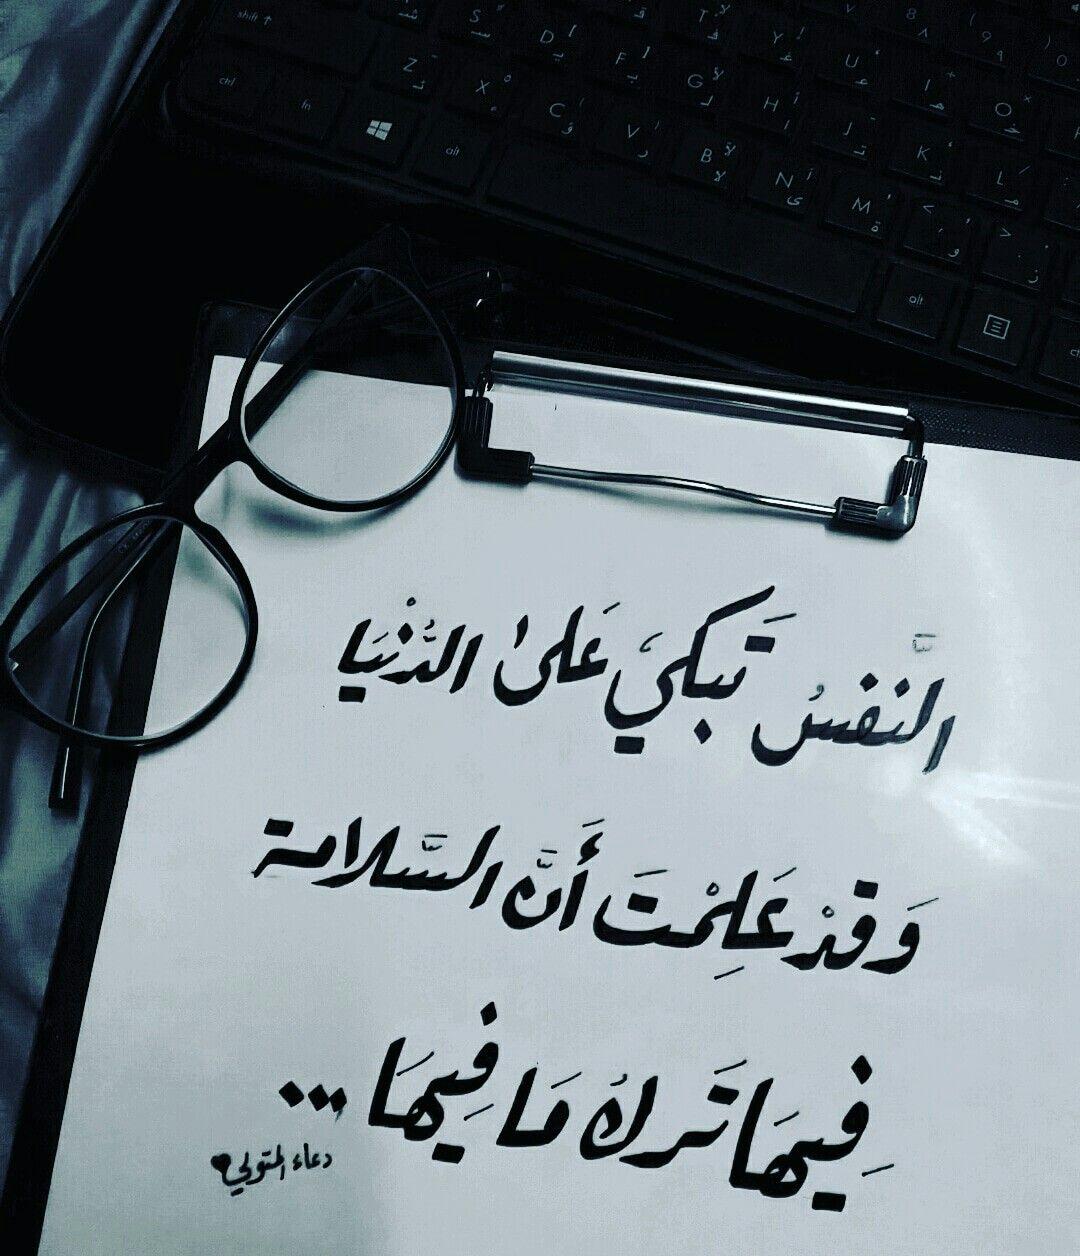 الن ف س ت ب ك ي ع ل ى الد ن ي ا و ق د ع ل م ت أ ن الس ل ام ة ف يه ا ت ر ك م ا ف يه ا Calligraphy Arabic Calligraphy